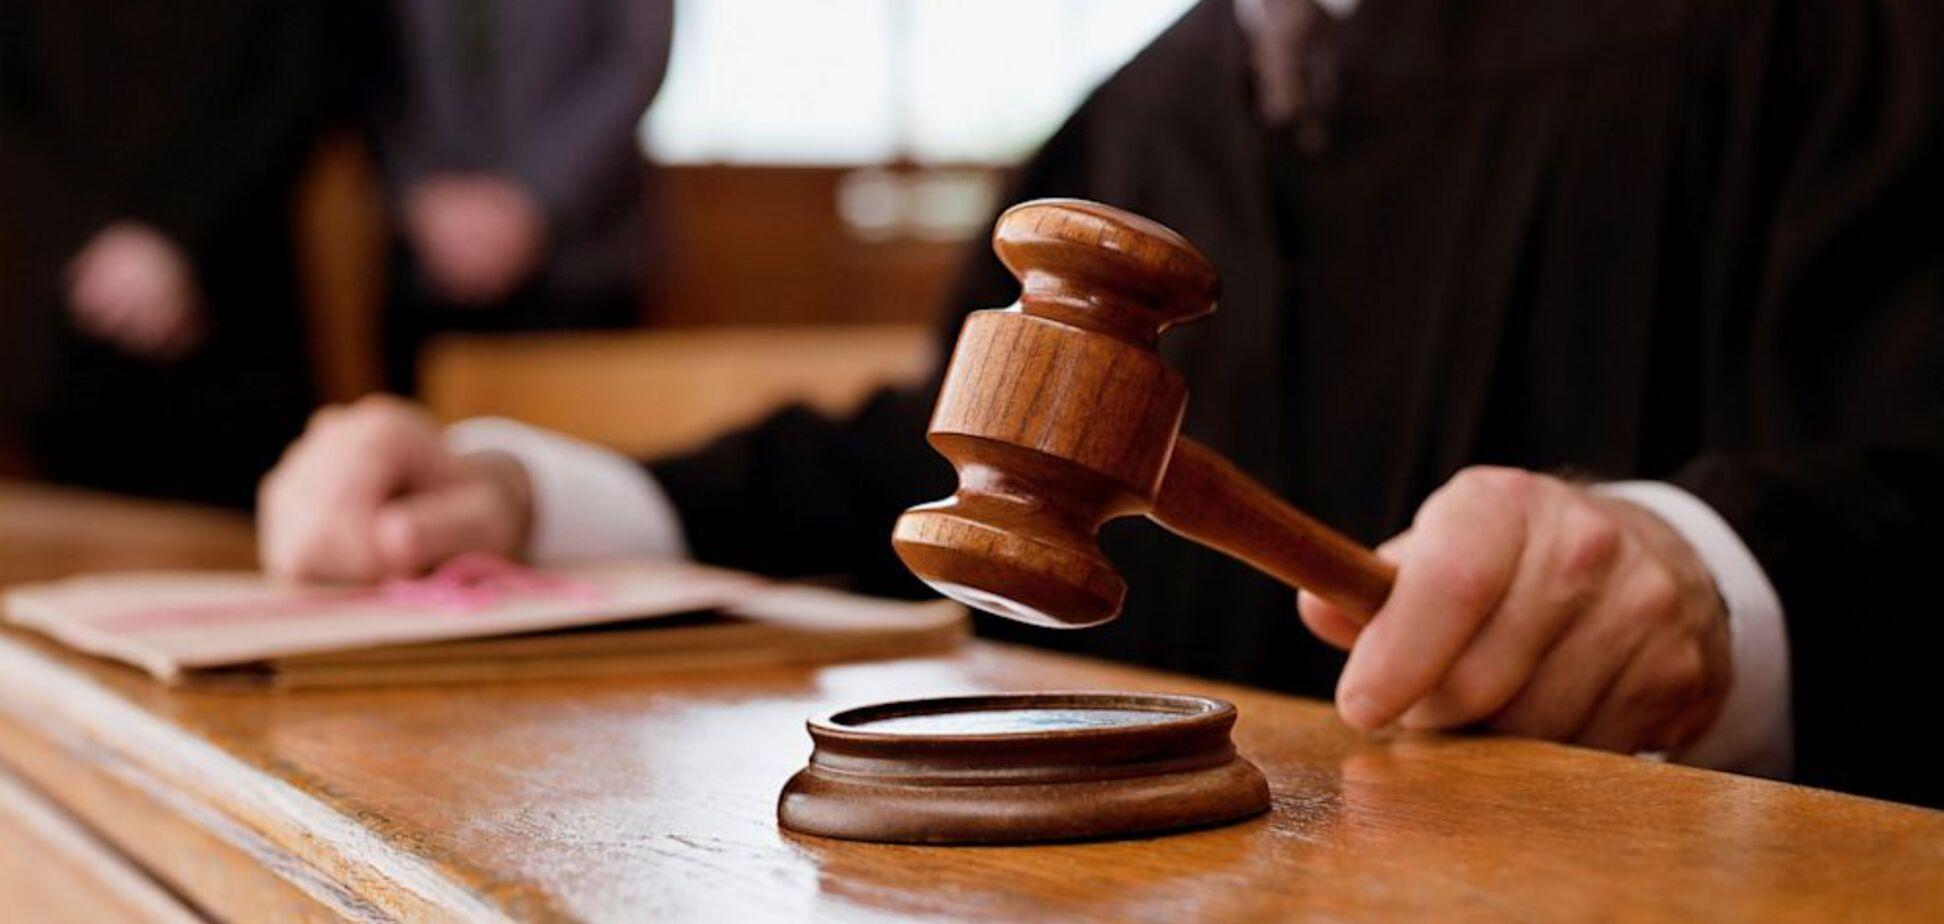 Вырубка леса под Киевом: суд вынес решение относительно подозреваемого мэра